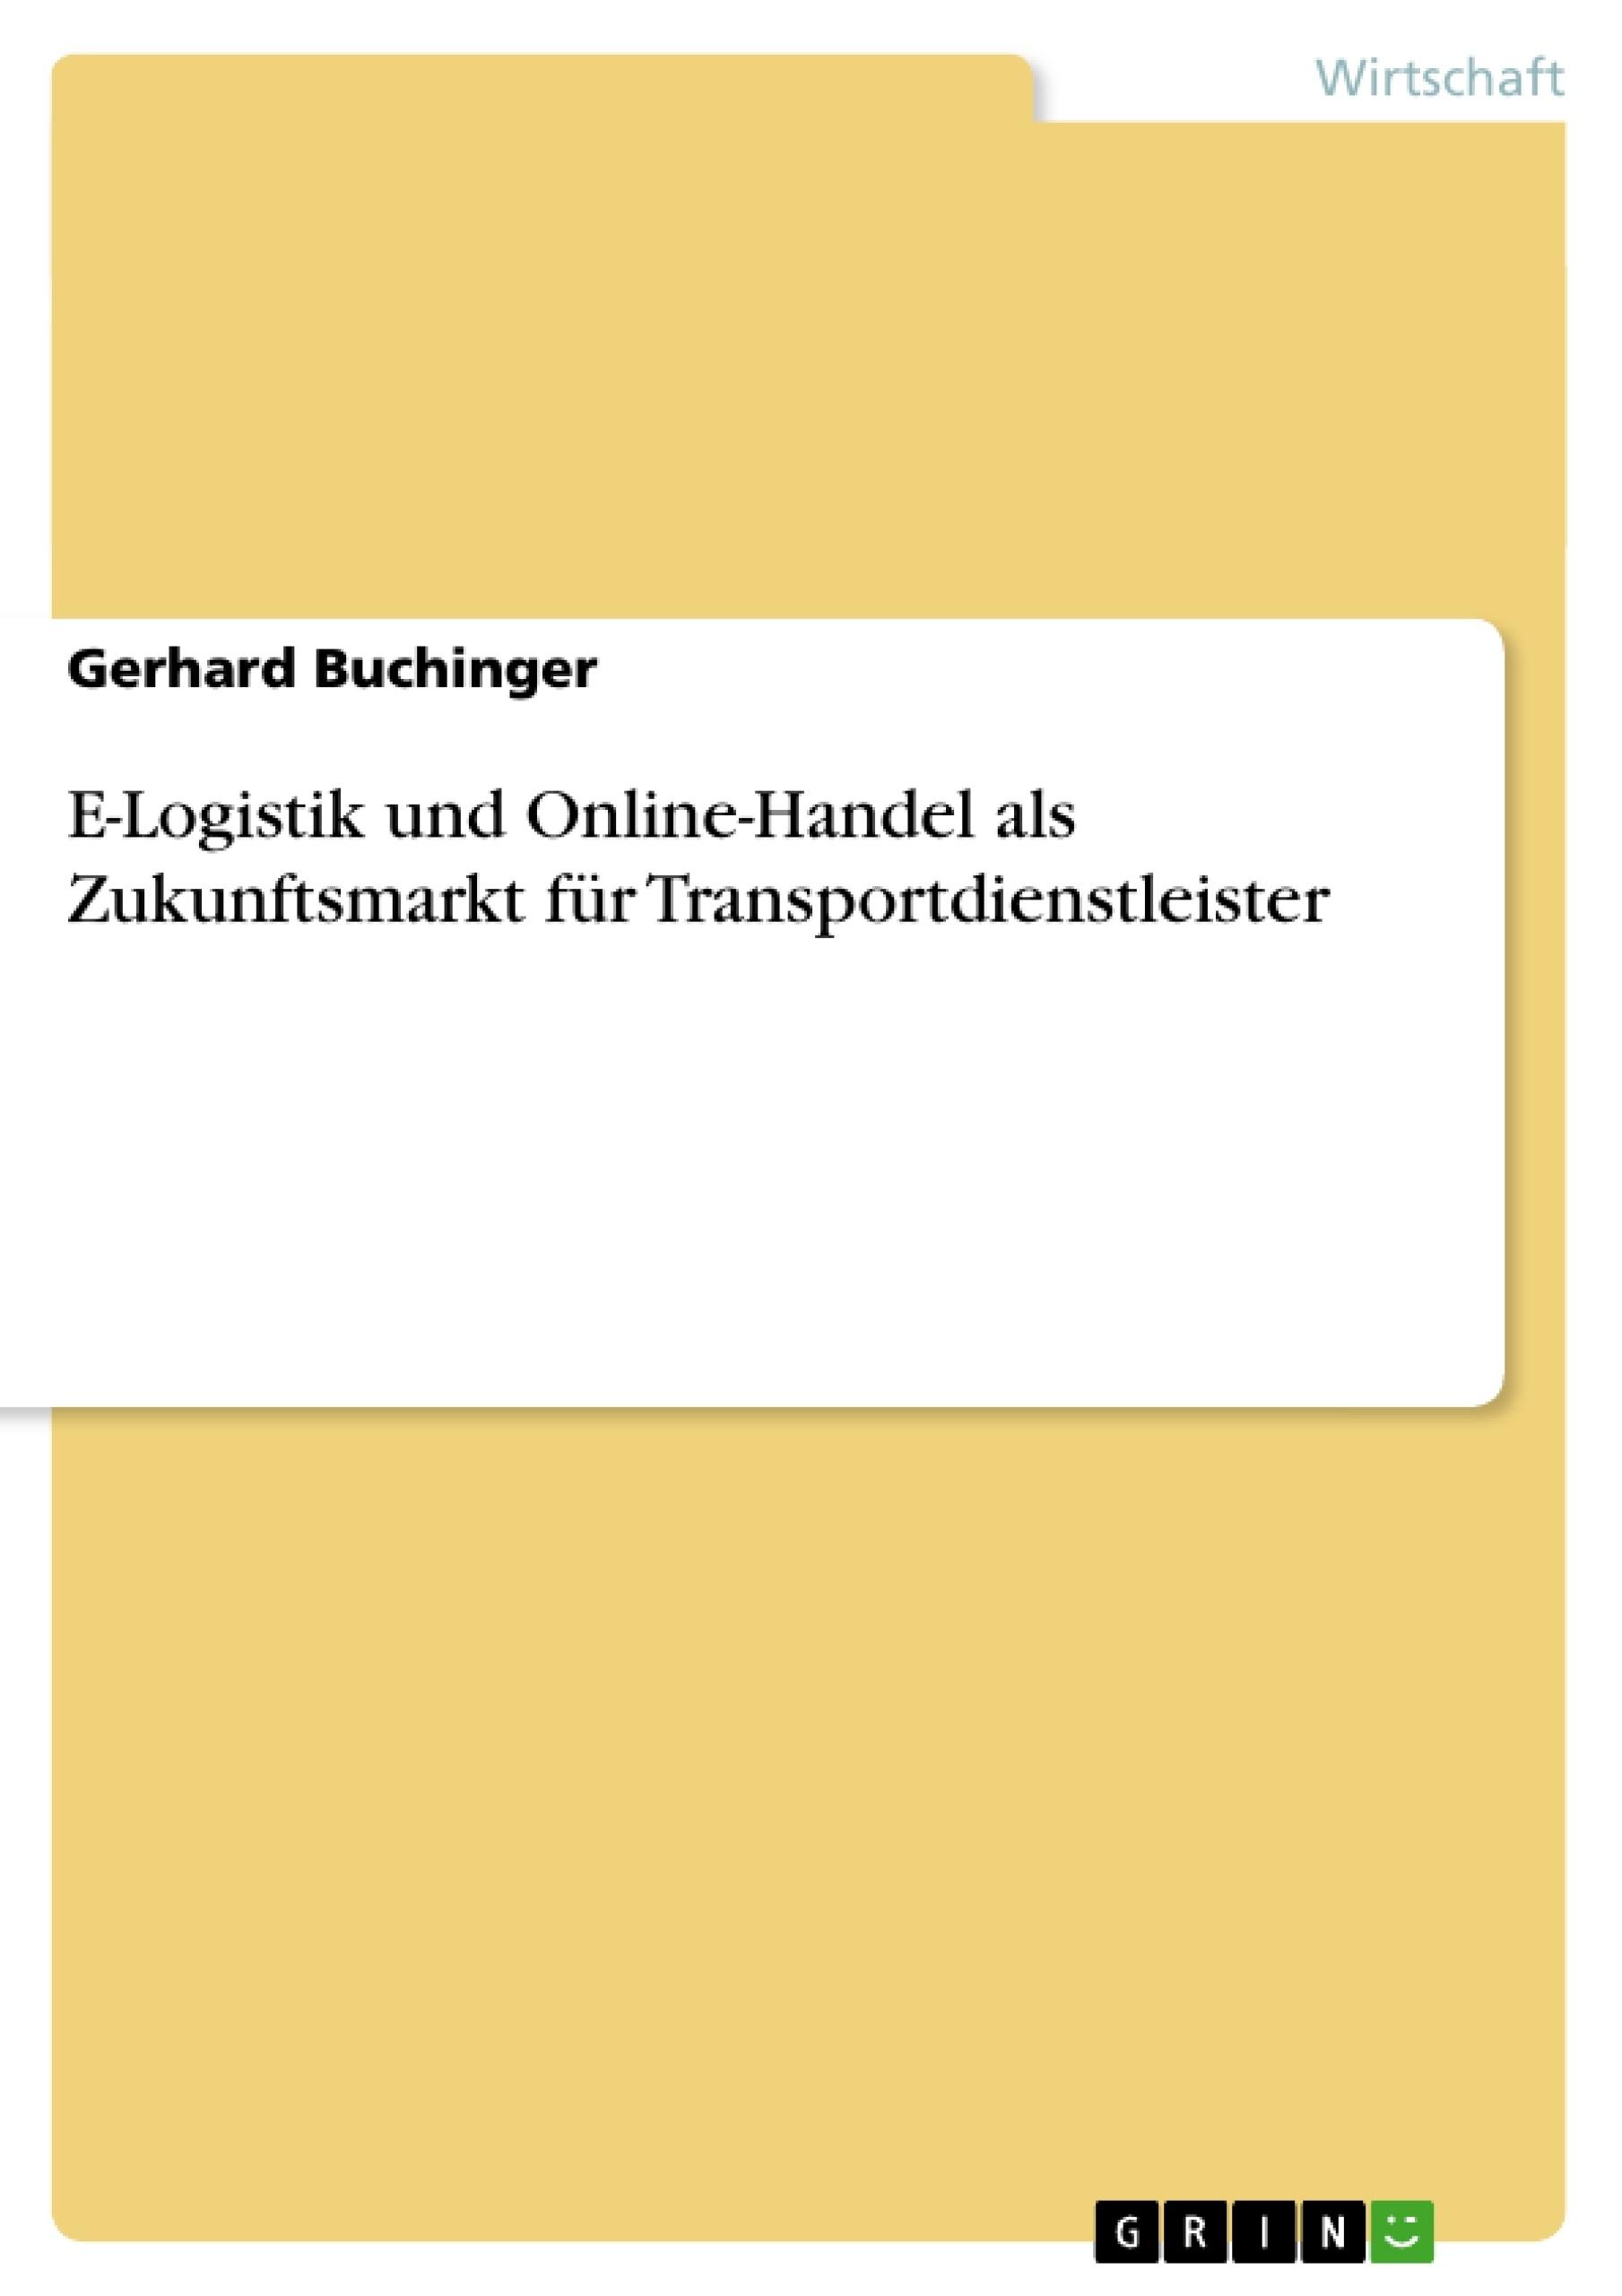 Titel: E-Logistik und Online-Handel als Zukunftsmarkt für Transportdienstleister